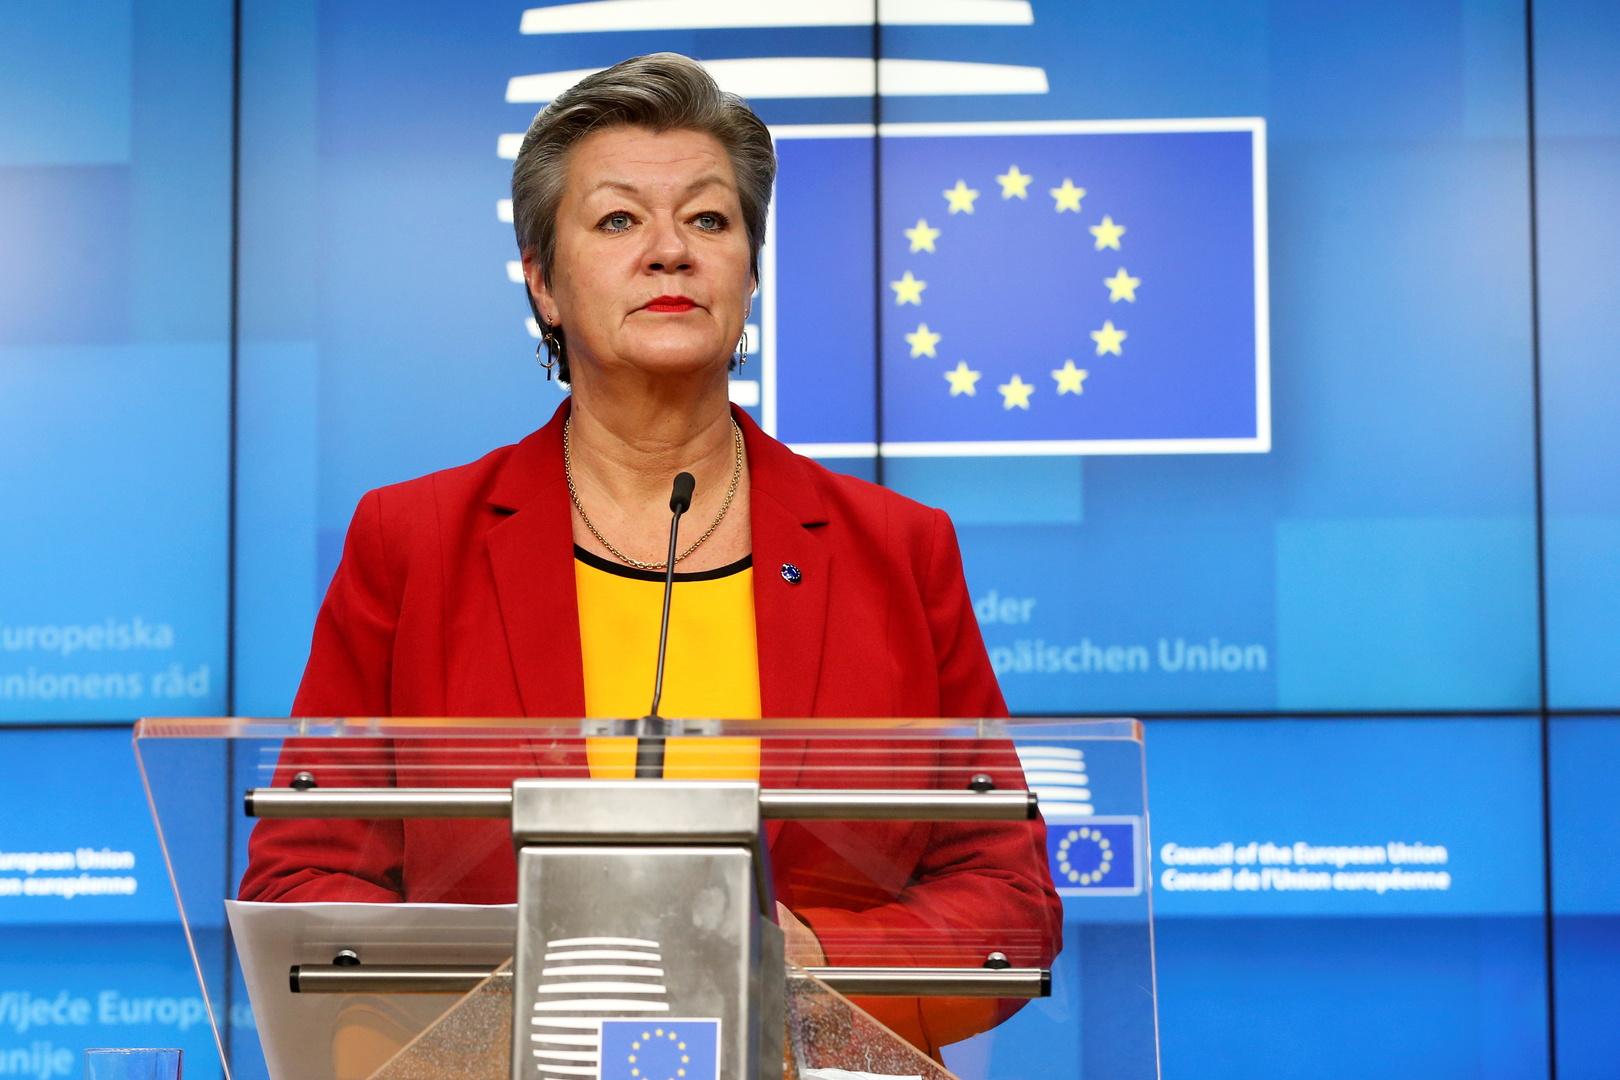 مفوضة أوروبية تطالب بإيواء عاجل للمهاجرين في البوسنة